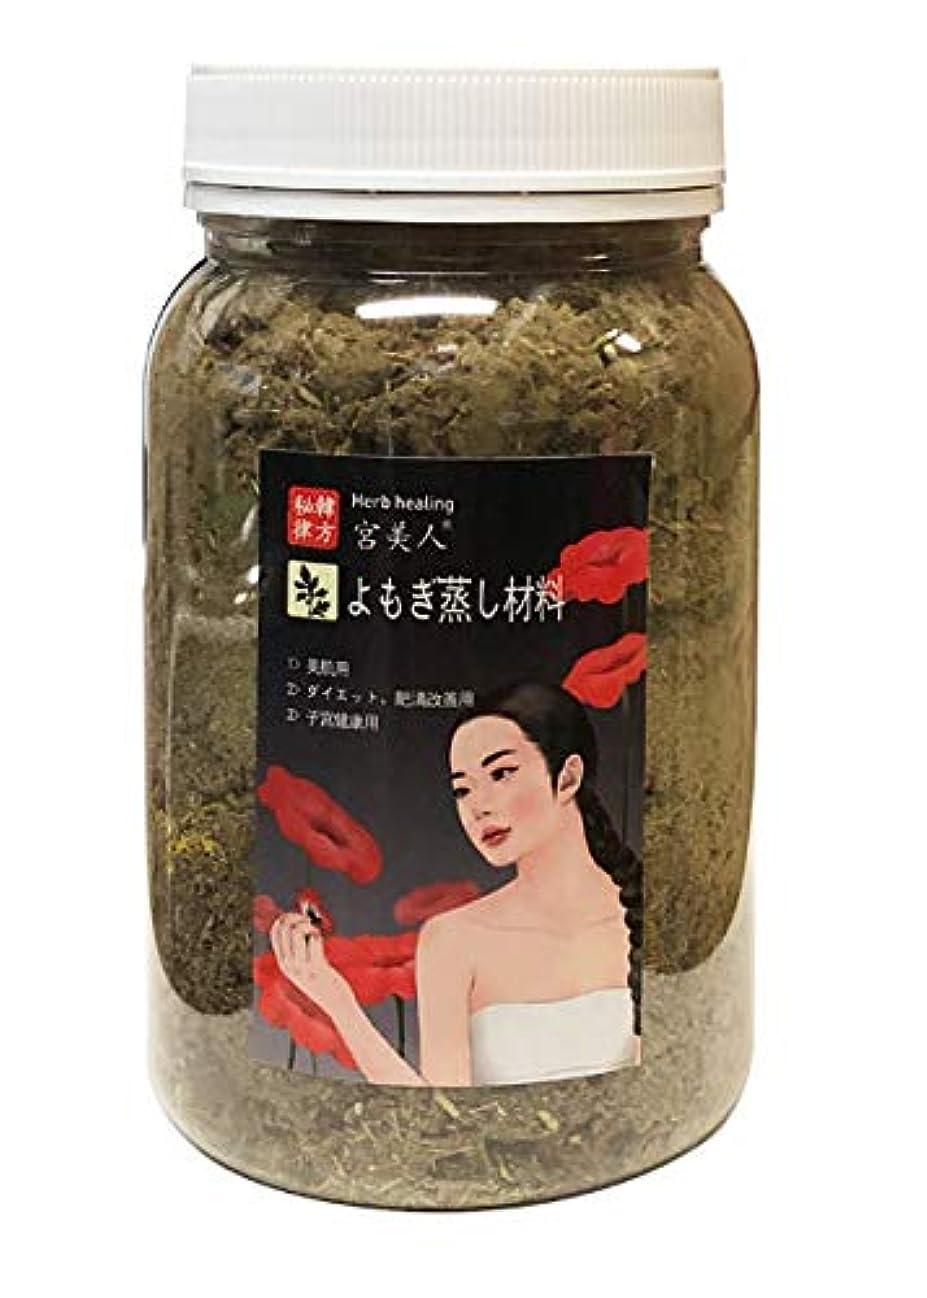 ご近所ミリメーターエキスパート韓方草ヨモギなど8種類の粉末、ヨモギ蒸し粉末材料 子宮健康管理用230グラム